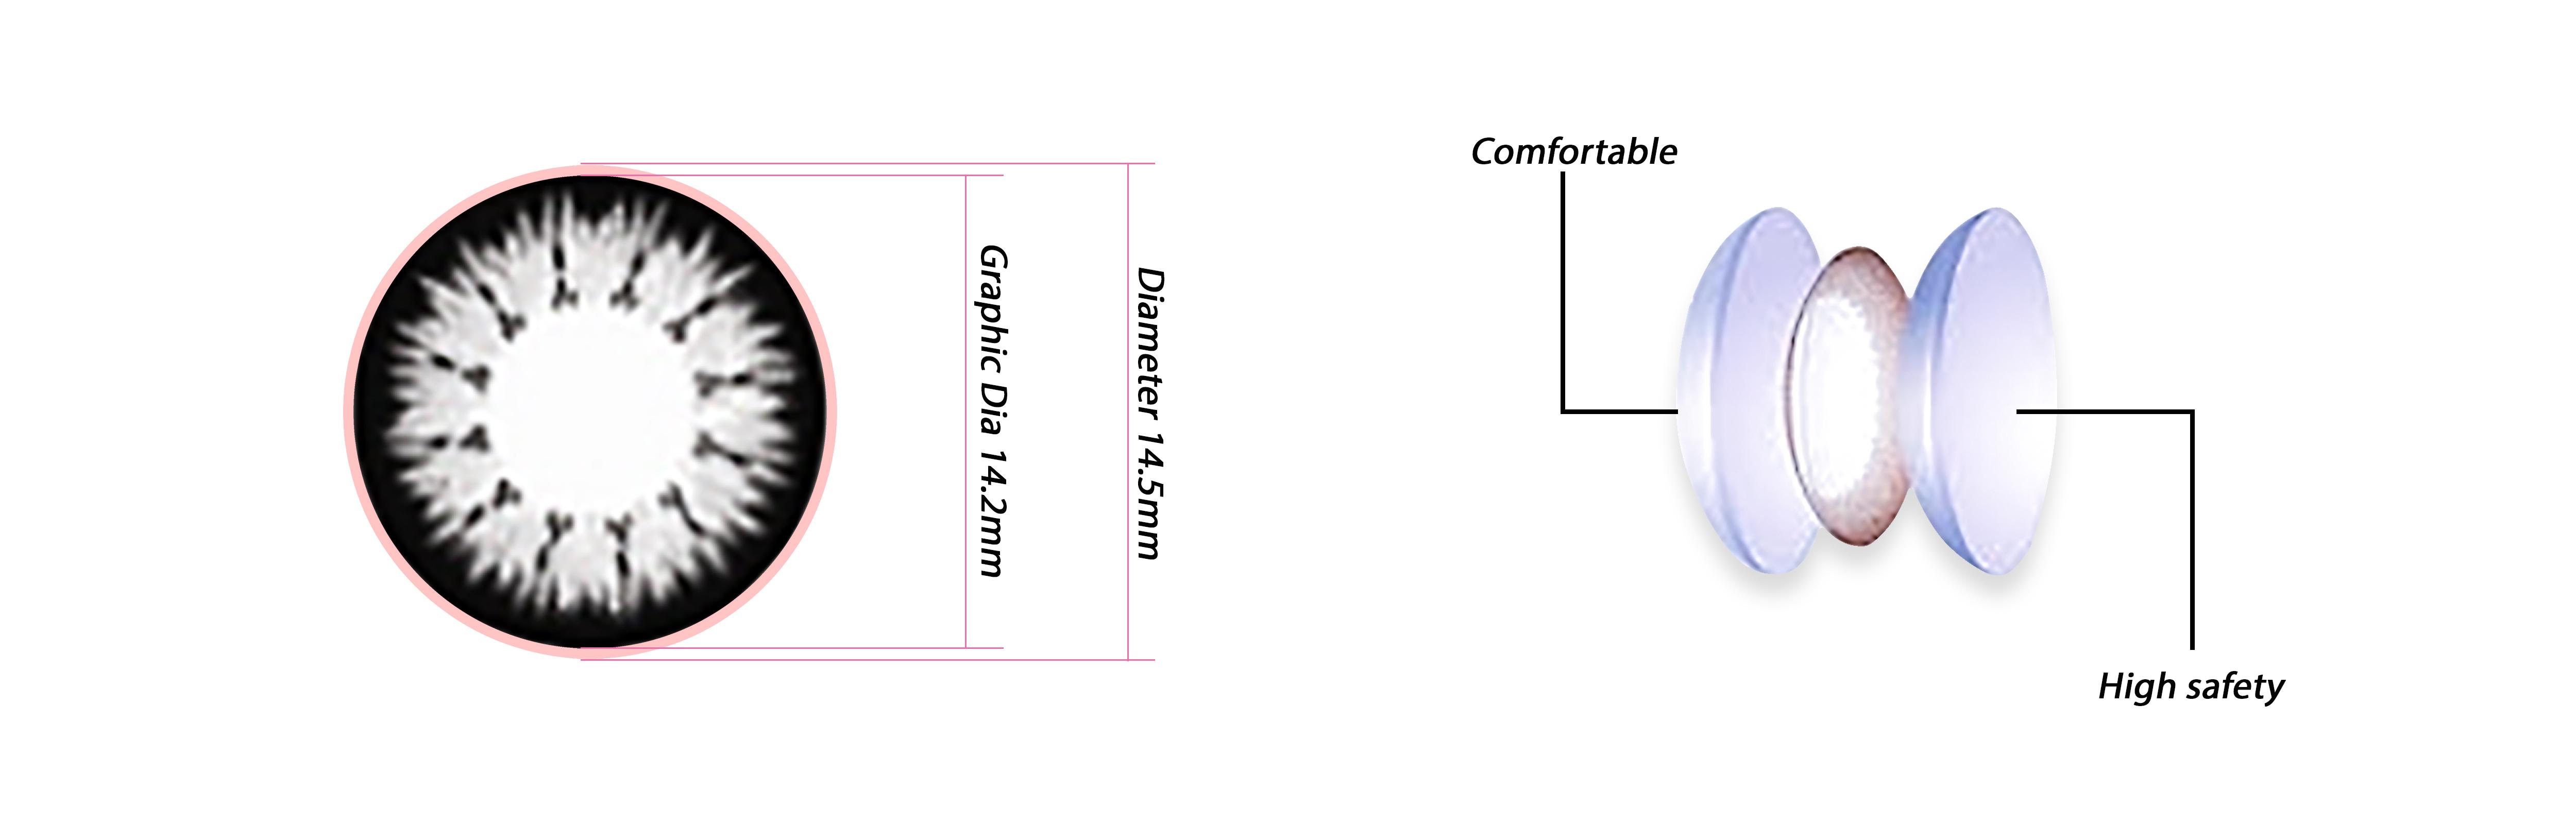 kính áp tròng pc gray an toàn chất lượng cao không bị khô mắt